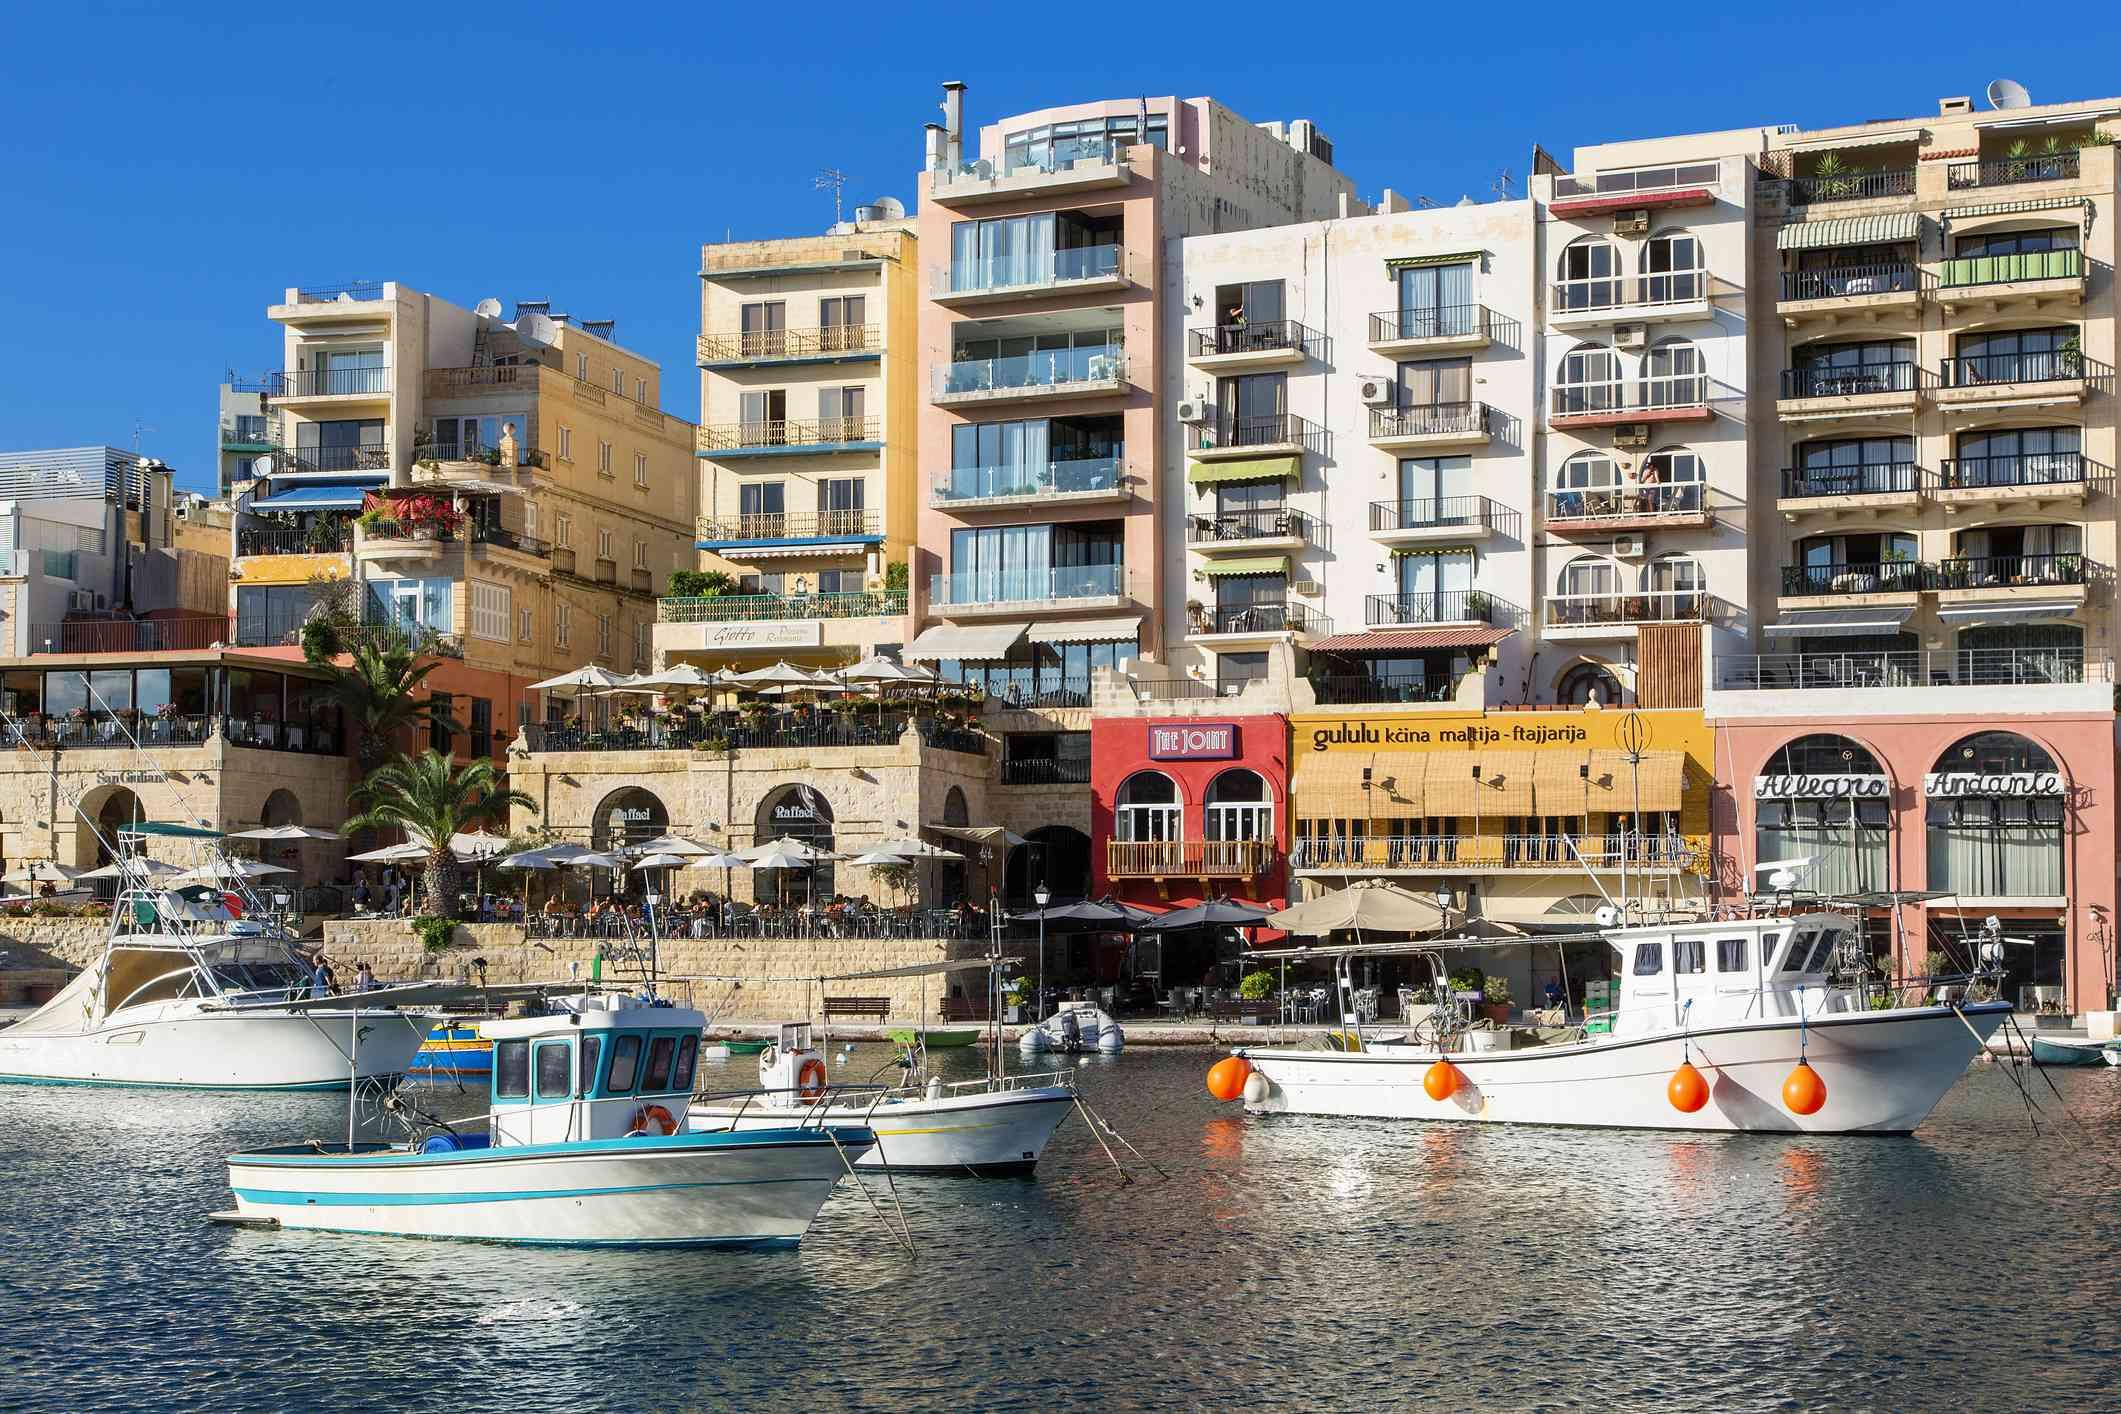 Spinola Bay in St. Julian, Malta